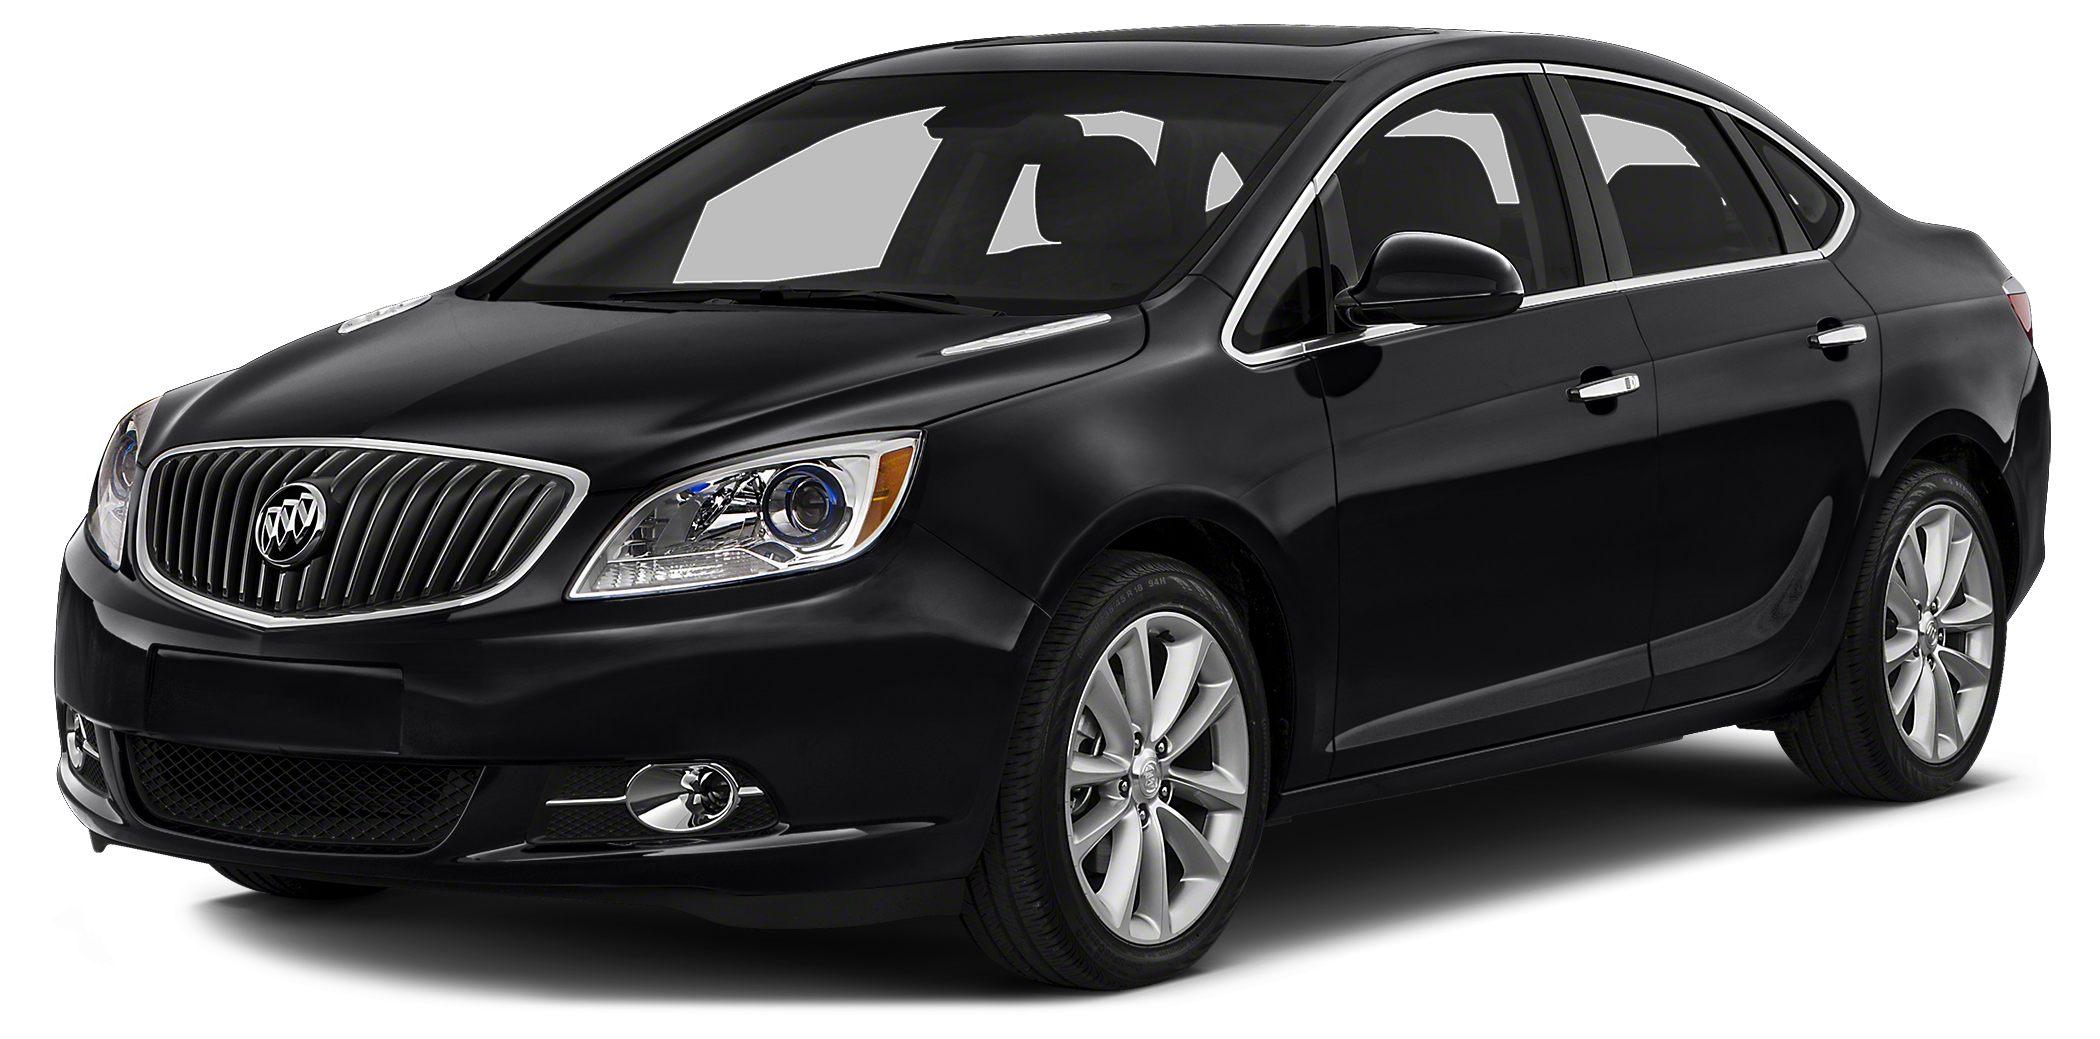 2012 Buick Verano Base WAS 17944 FUEL EFFICIENT 32 MPG Hwy21 MPG City Excellent Condition GRE